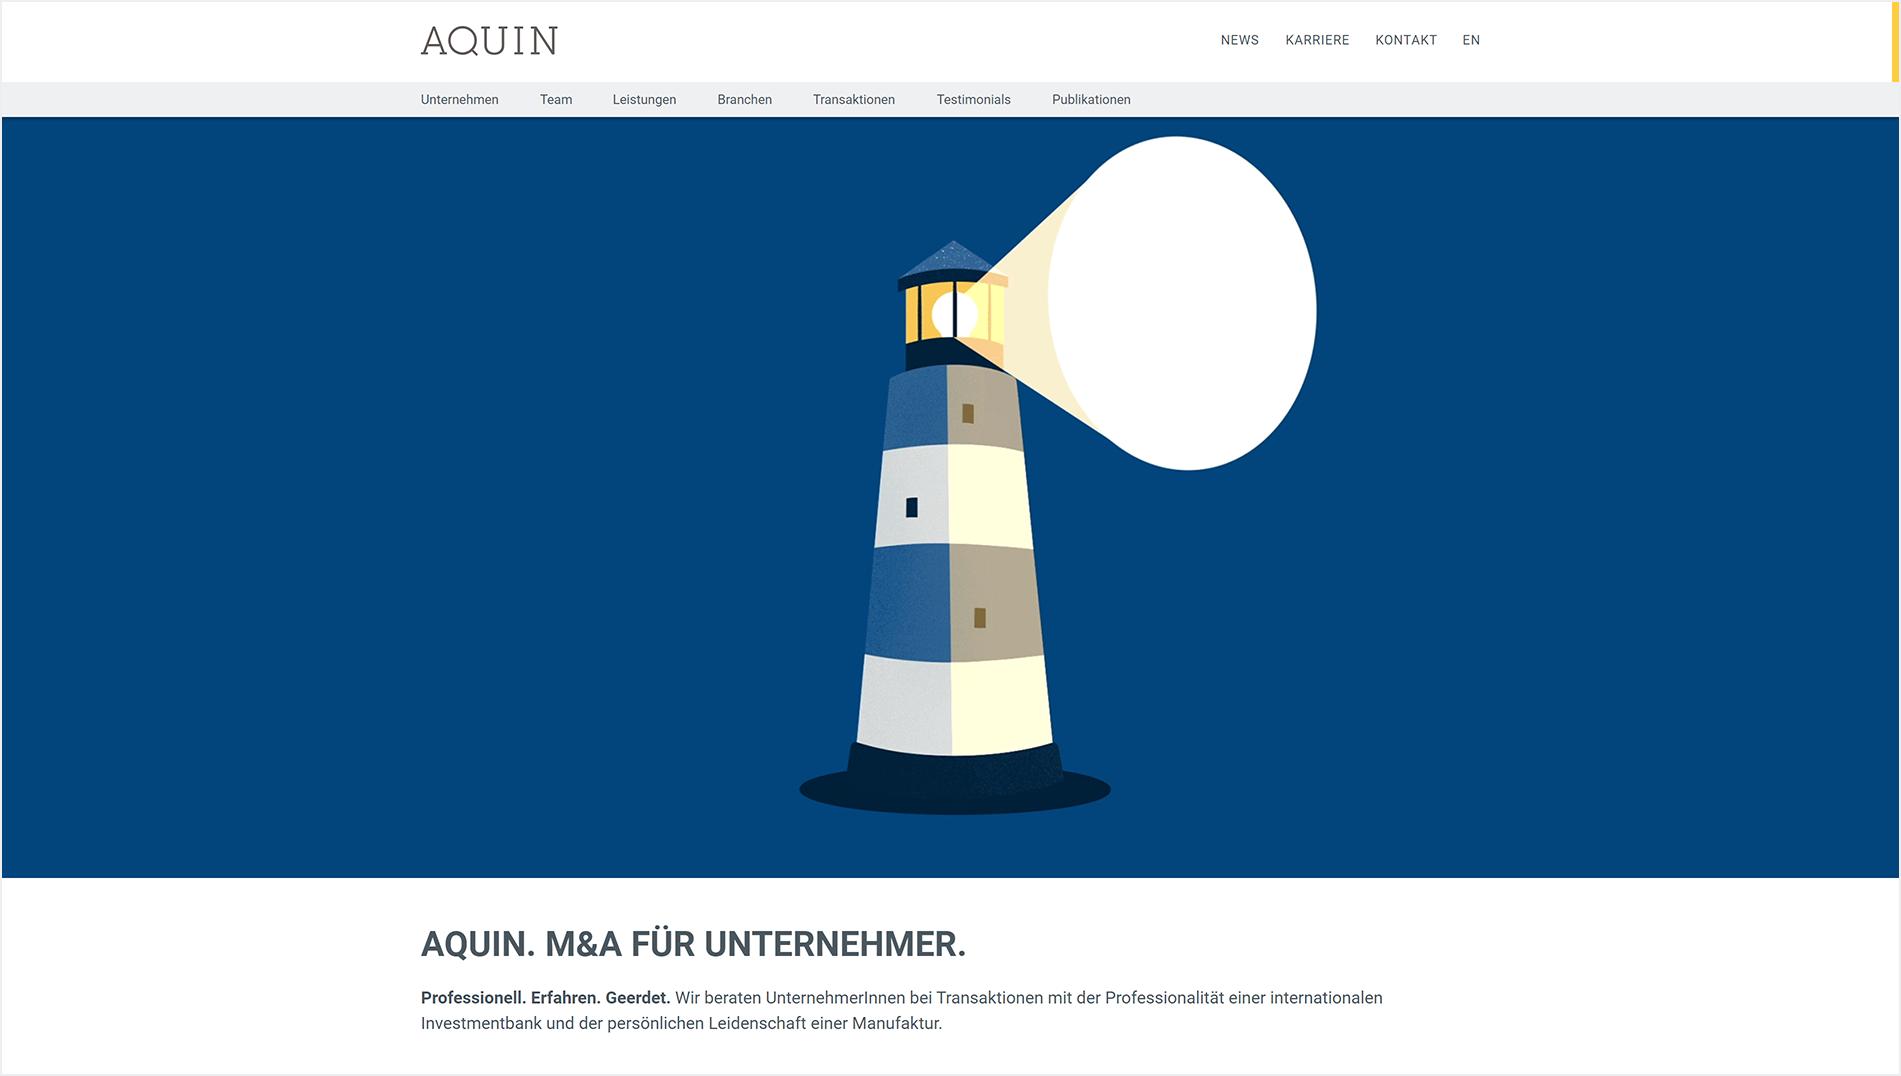 Aquin.com